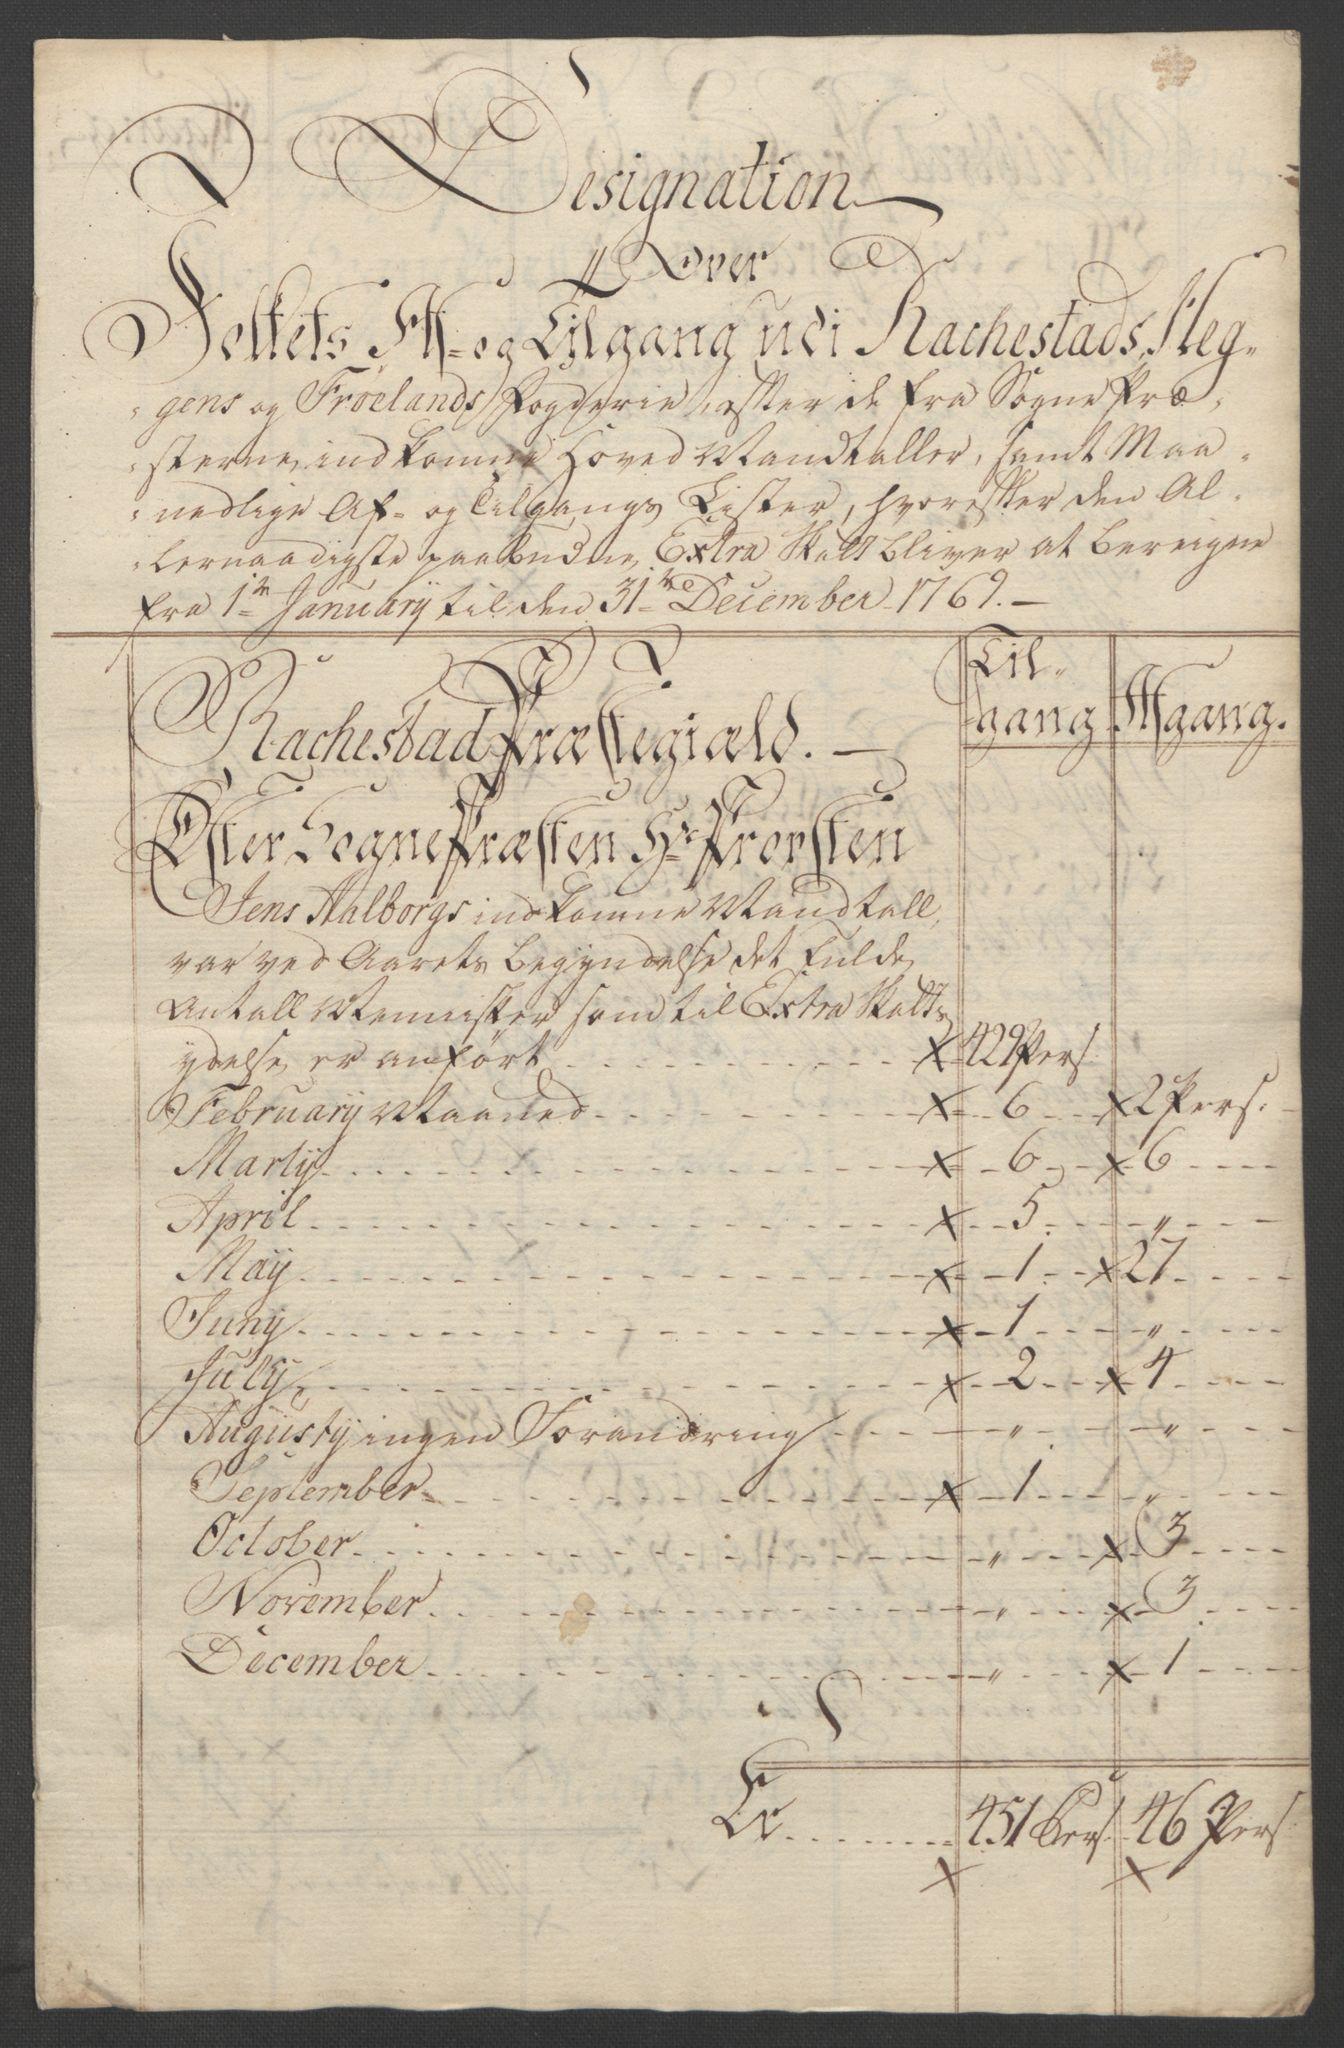 RA, Rentekammeret inntil 1814, Reviderte regnskaper, Fogderegnskap, R07/L0413: Ekstraskatten Rakkestad, Heggen og Frøland, 1762-1772, s. 416